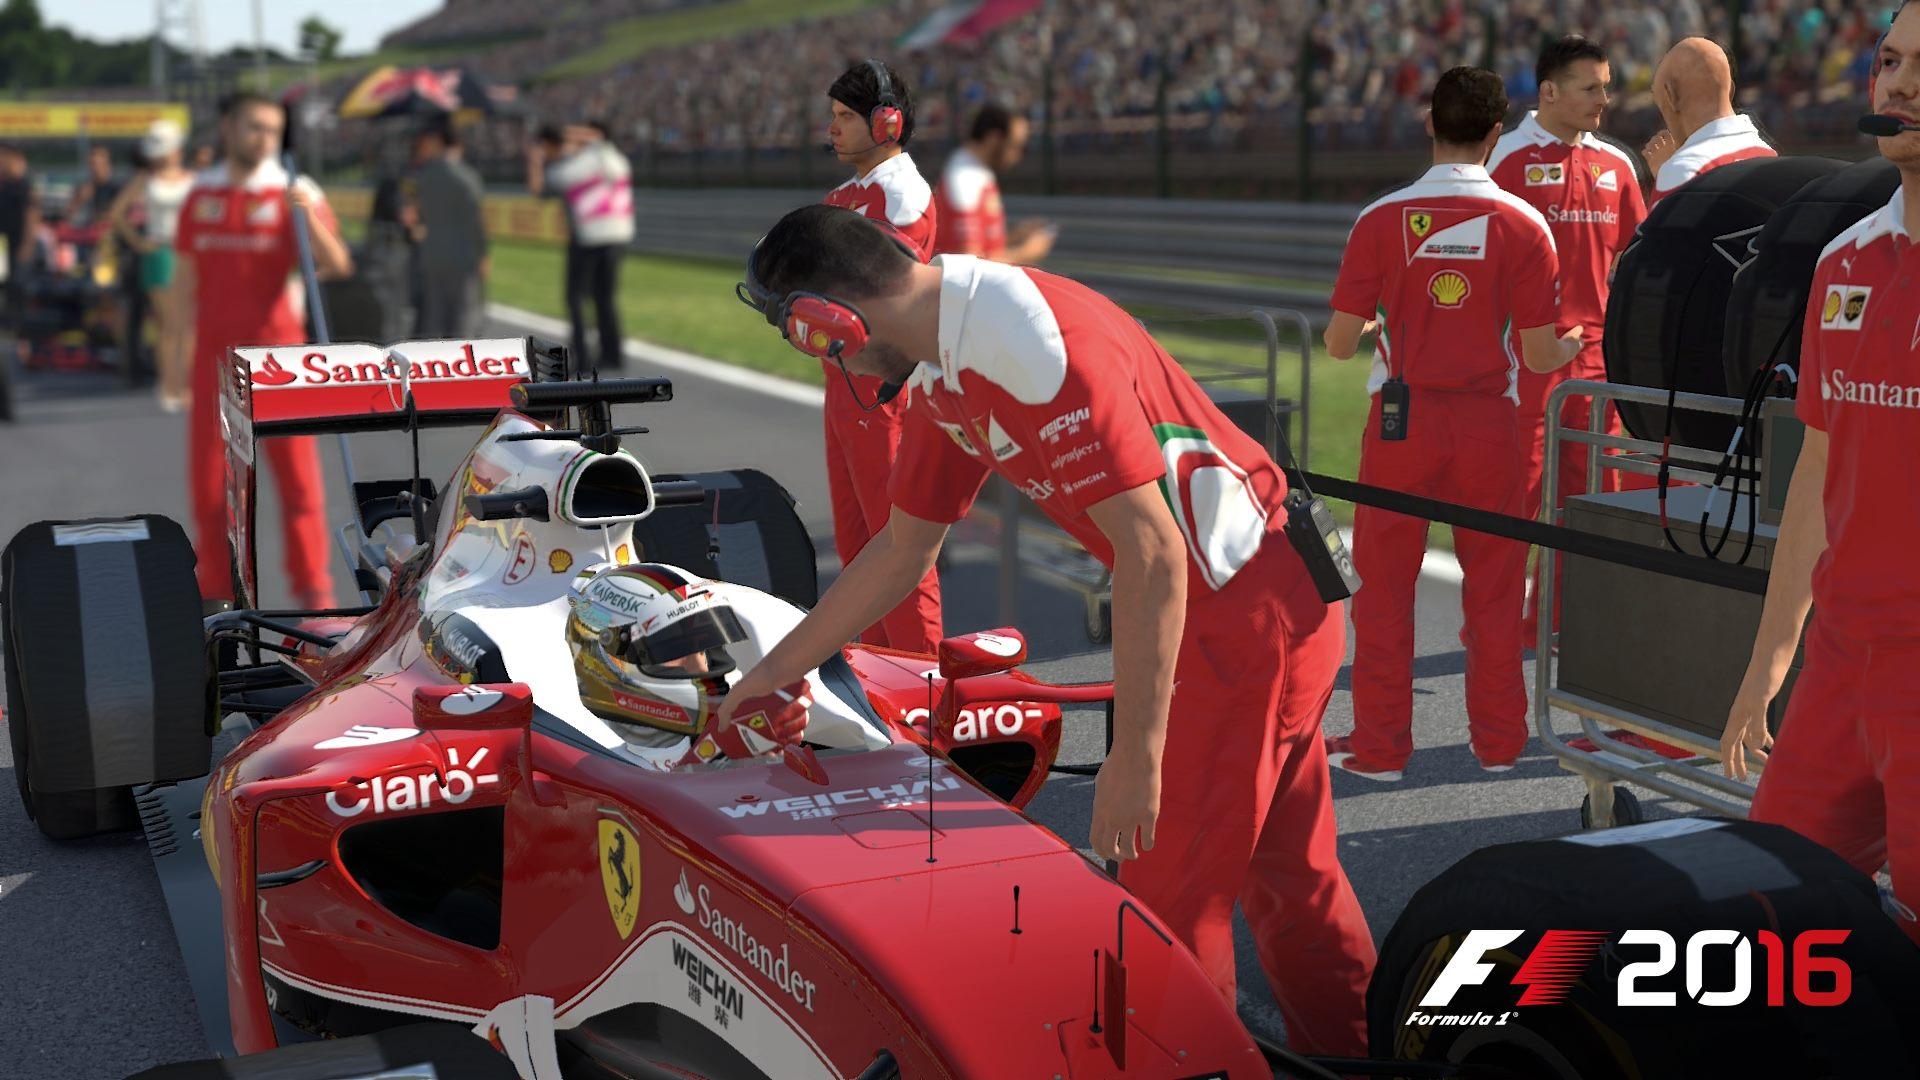 F1 2016 Screenshot 3